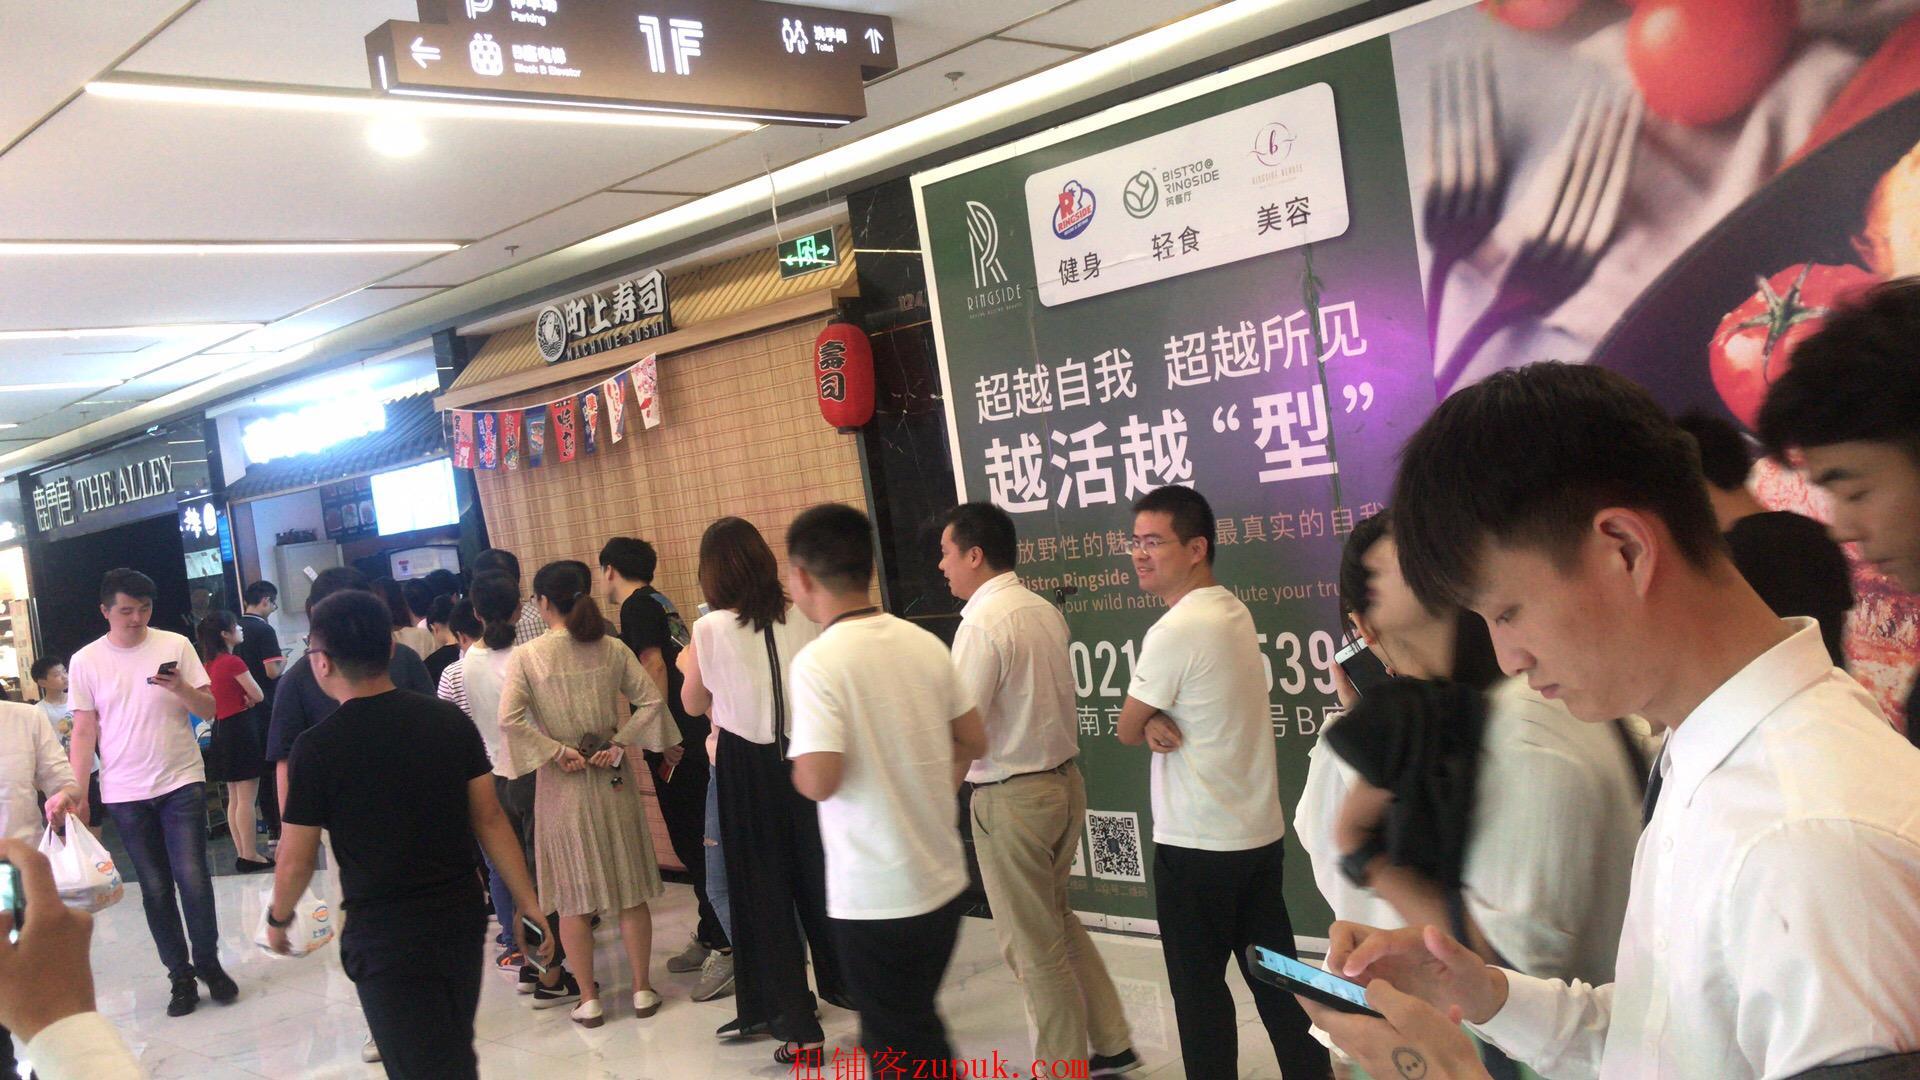 荔湾网红商业街,地铁联通各大品牌入驻,无进场费等费用